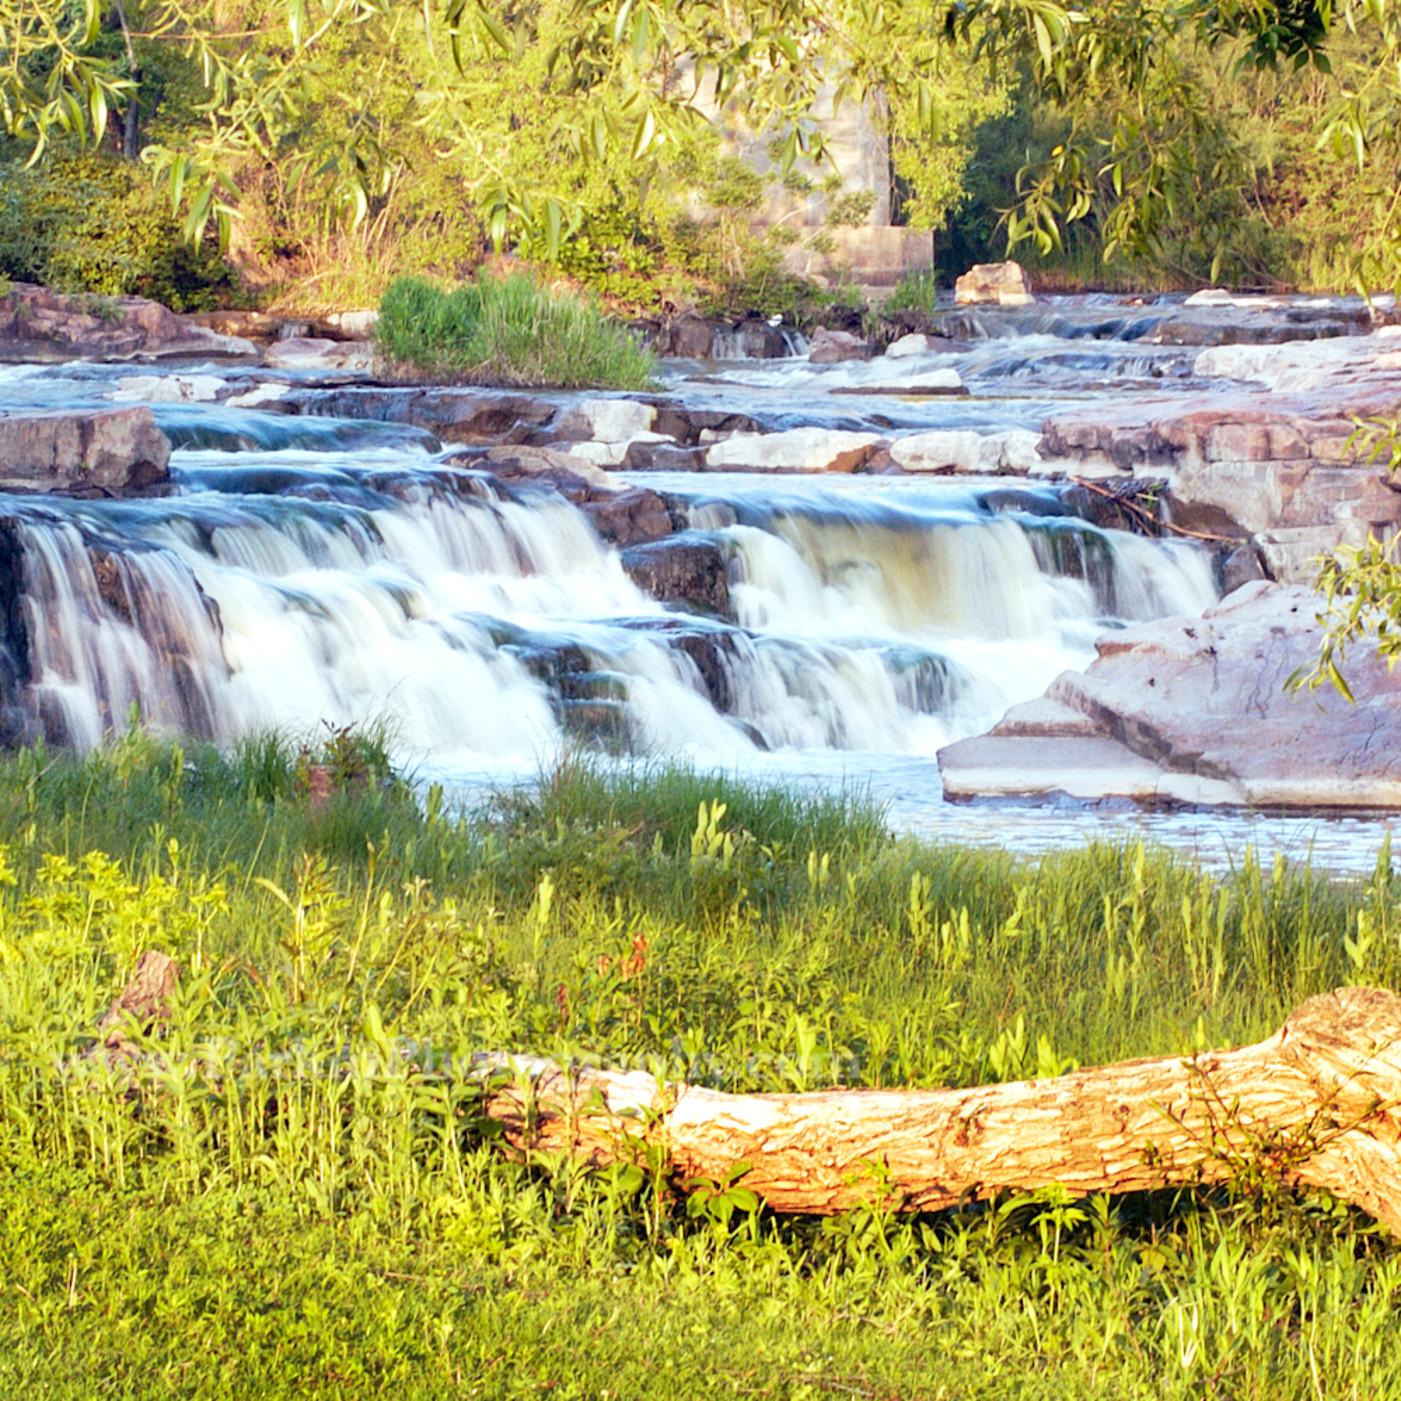 Falls park180 pano asf uvcapt